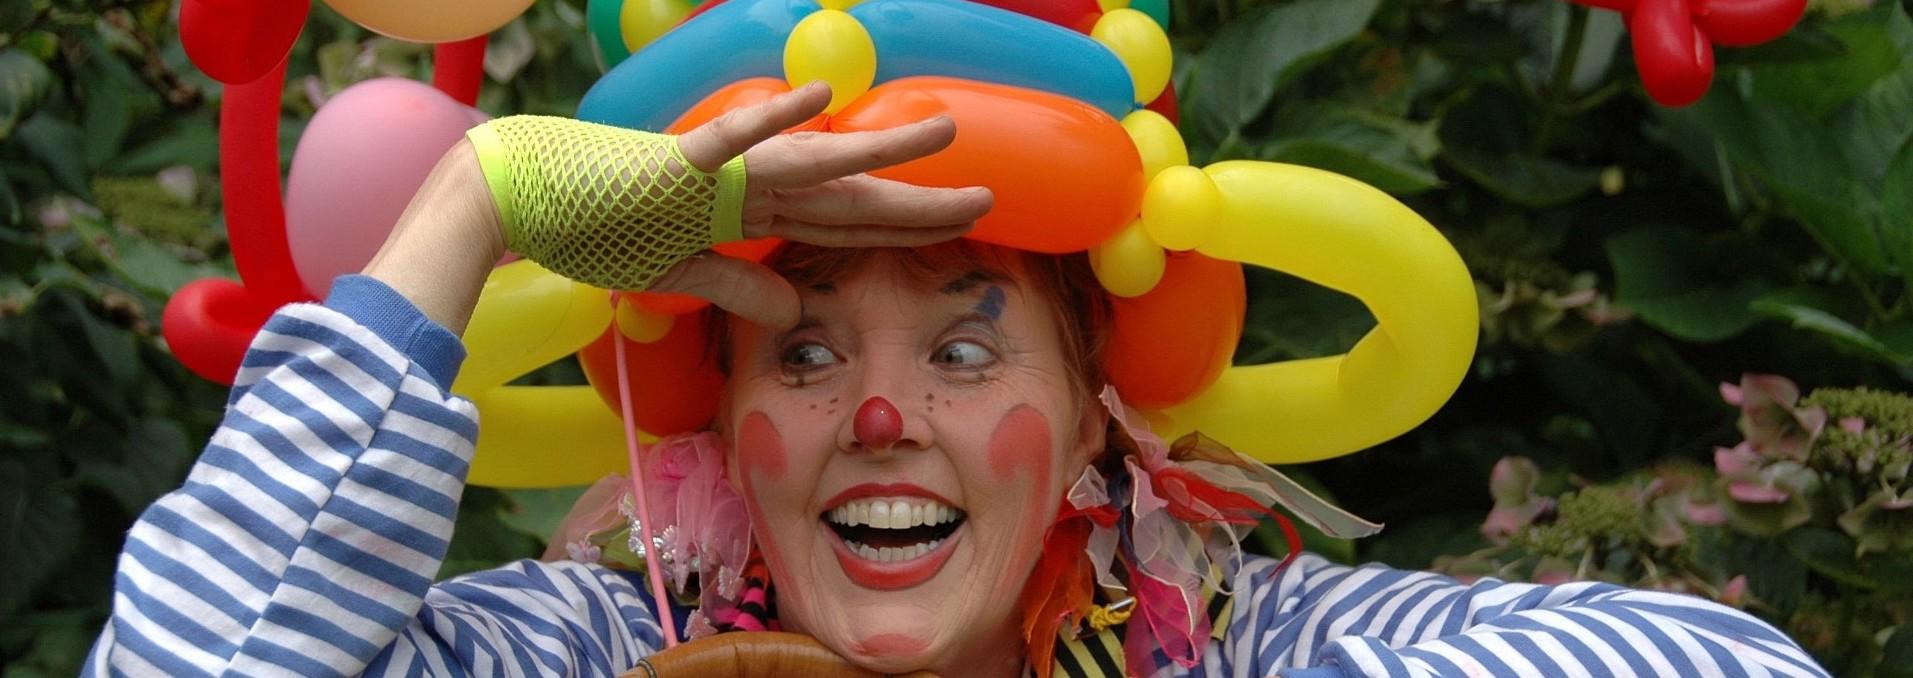 ballonnenclown Clown Joepie